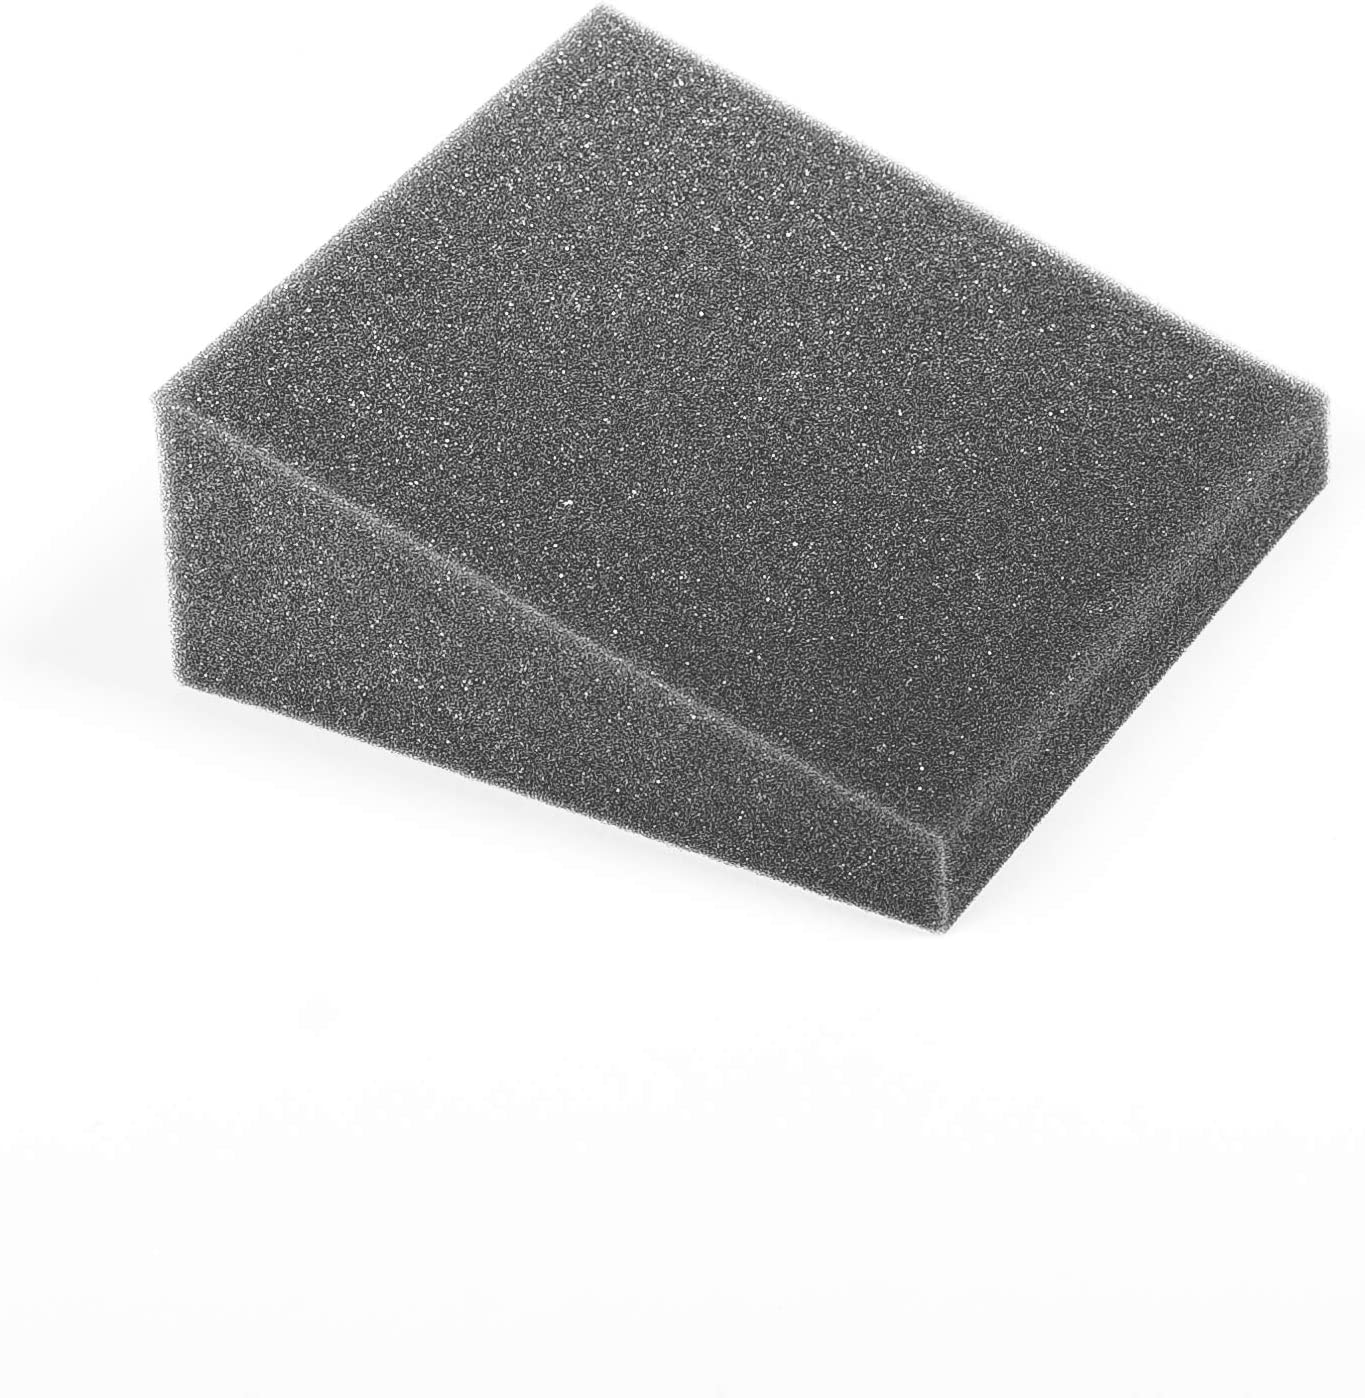 Couleur Gris anthracite. pi/èces de 15/x 15/cm Pack de 32/cales de mousse Acoustique de haute Densit/é 6/cm d/épaisseur